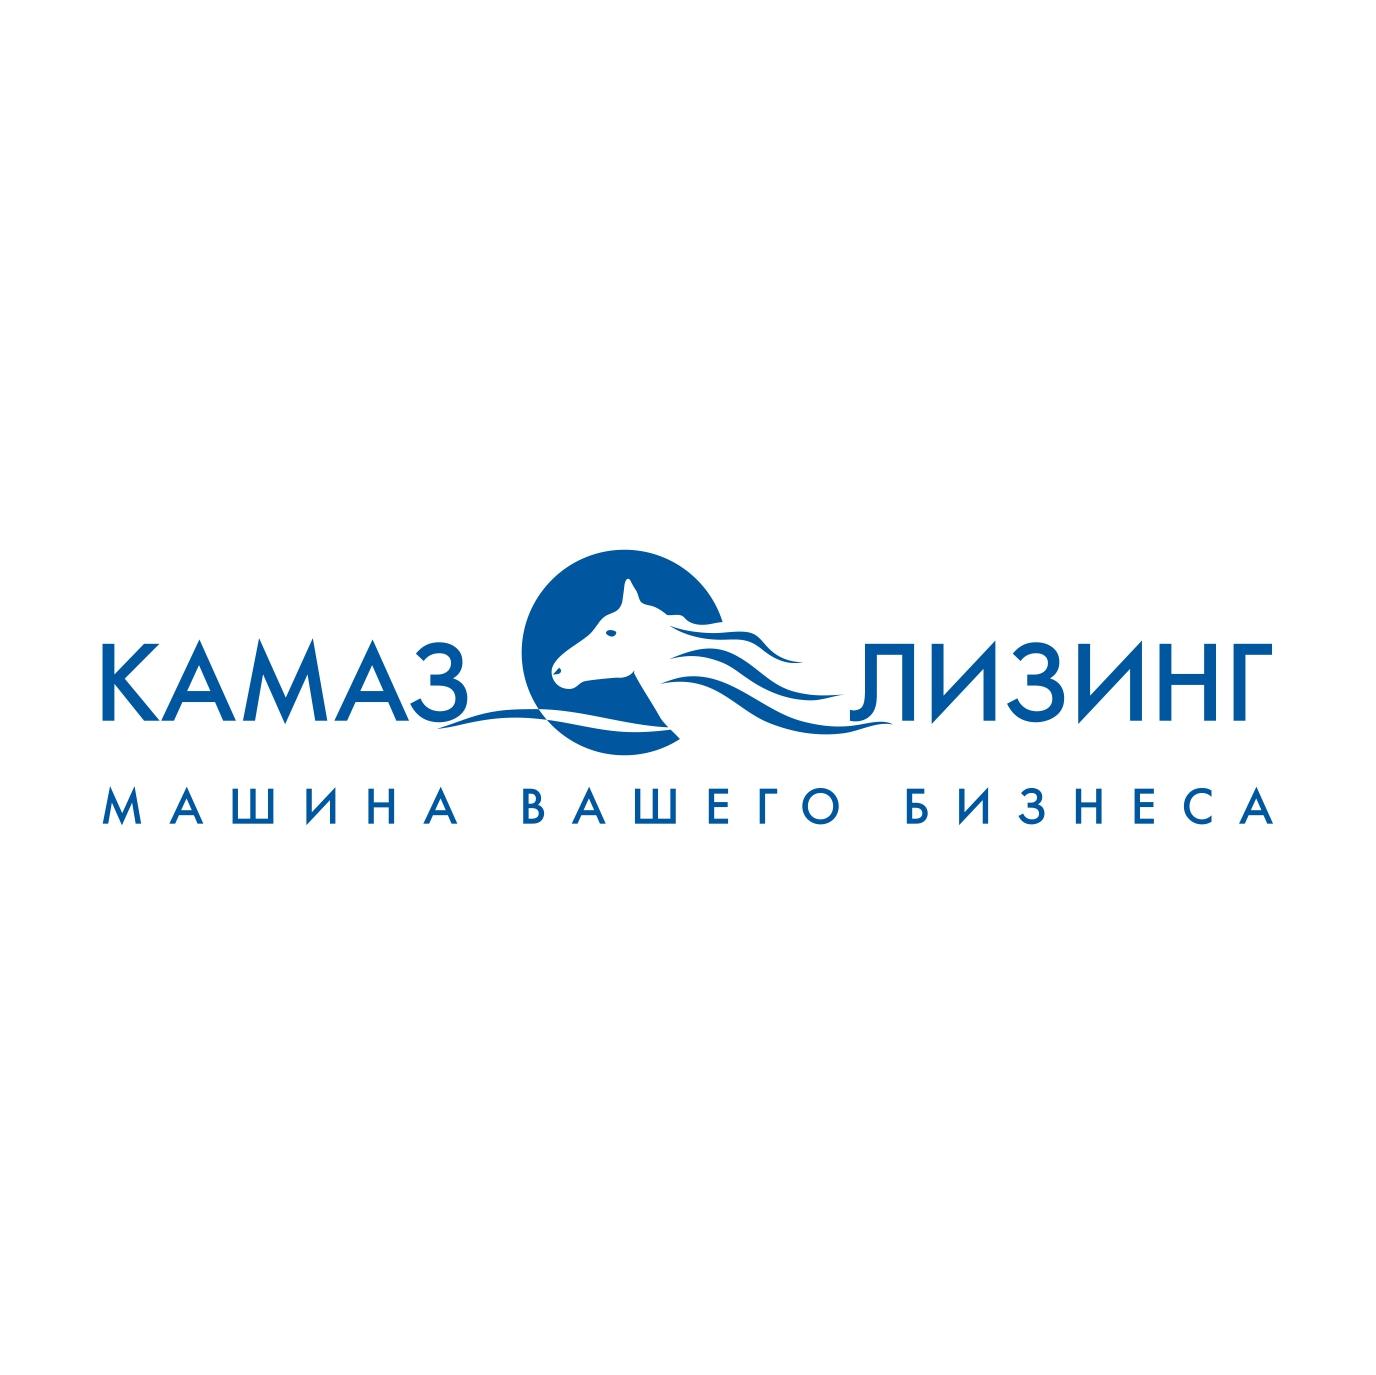 Экспресс-проверка – обновлённая опция от «КАМАЗ-ЛИЗИНГа»